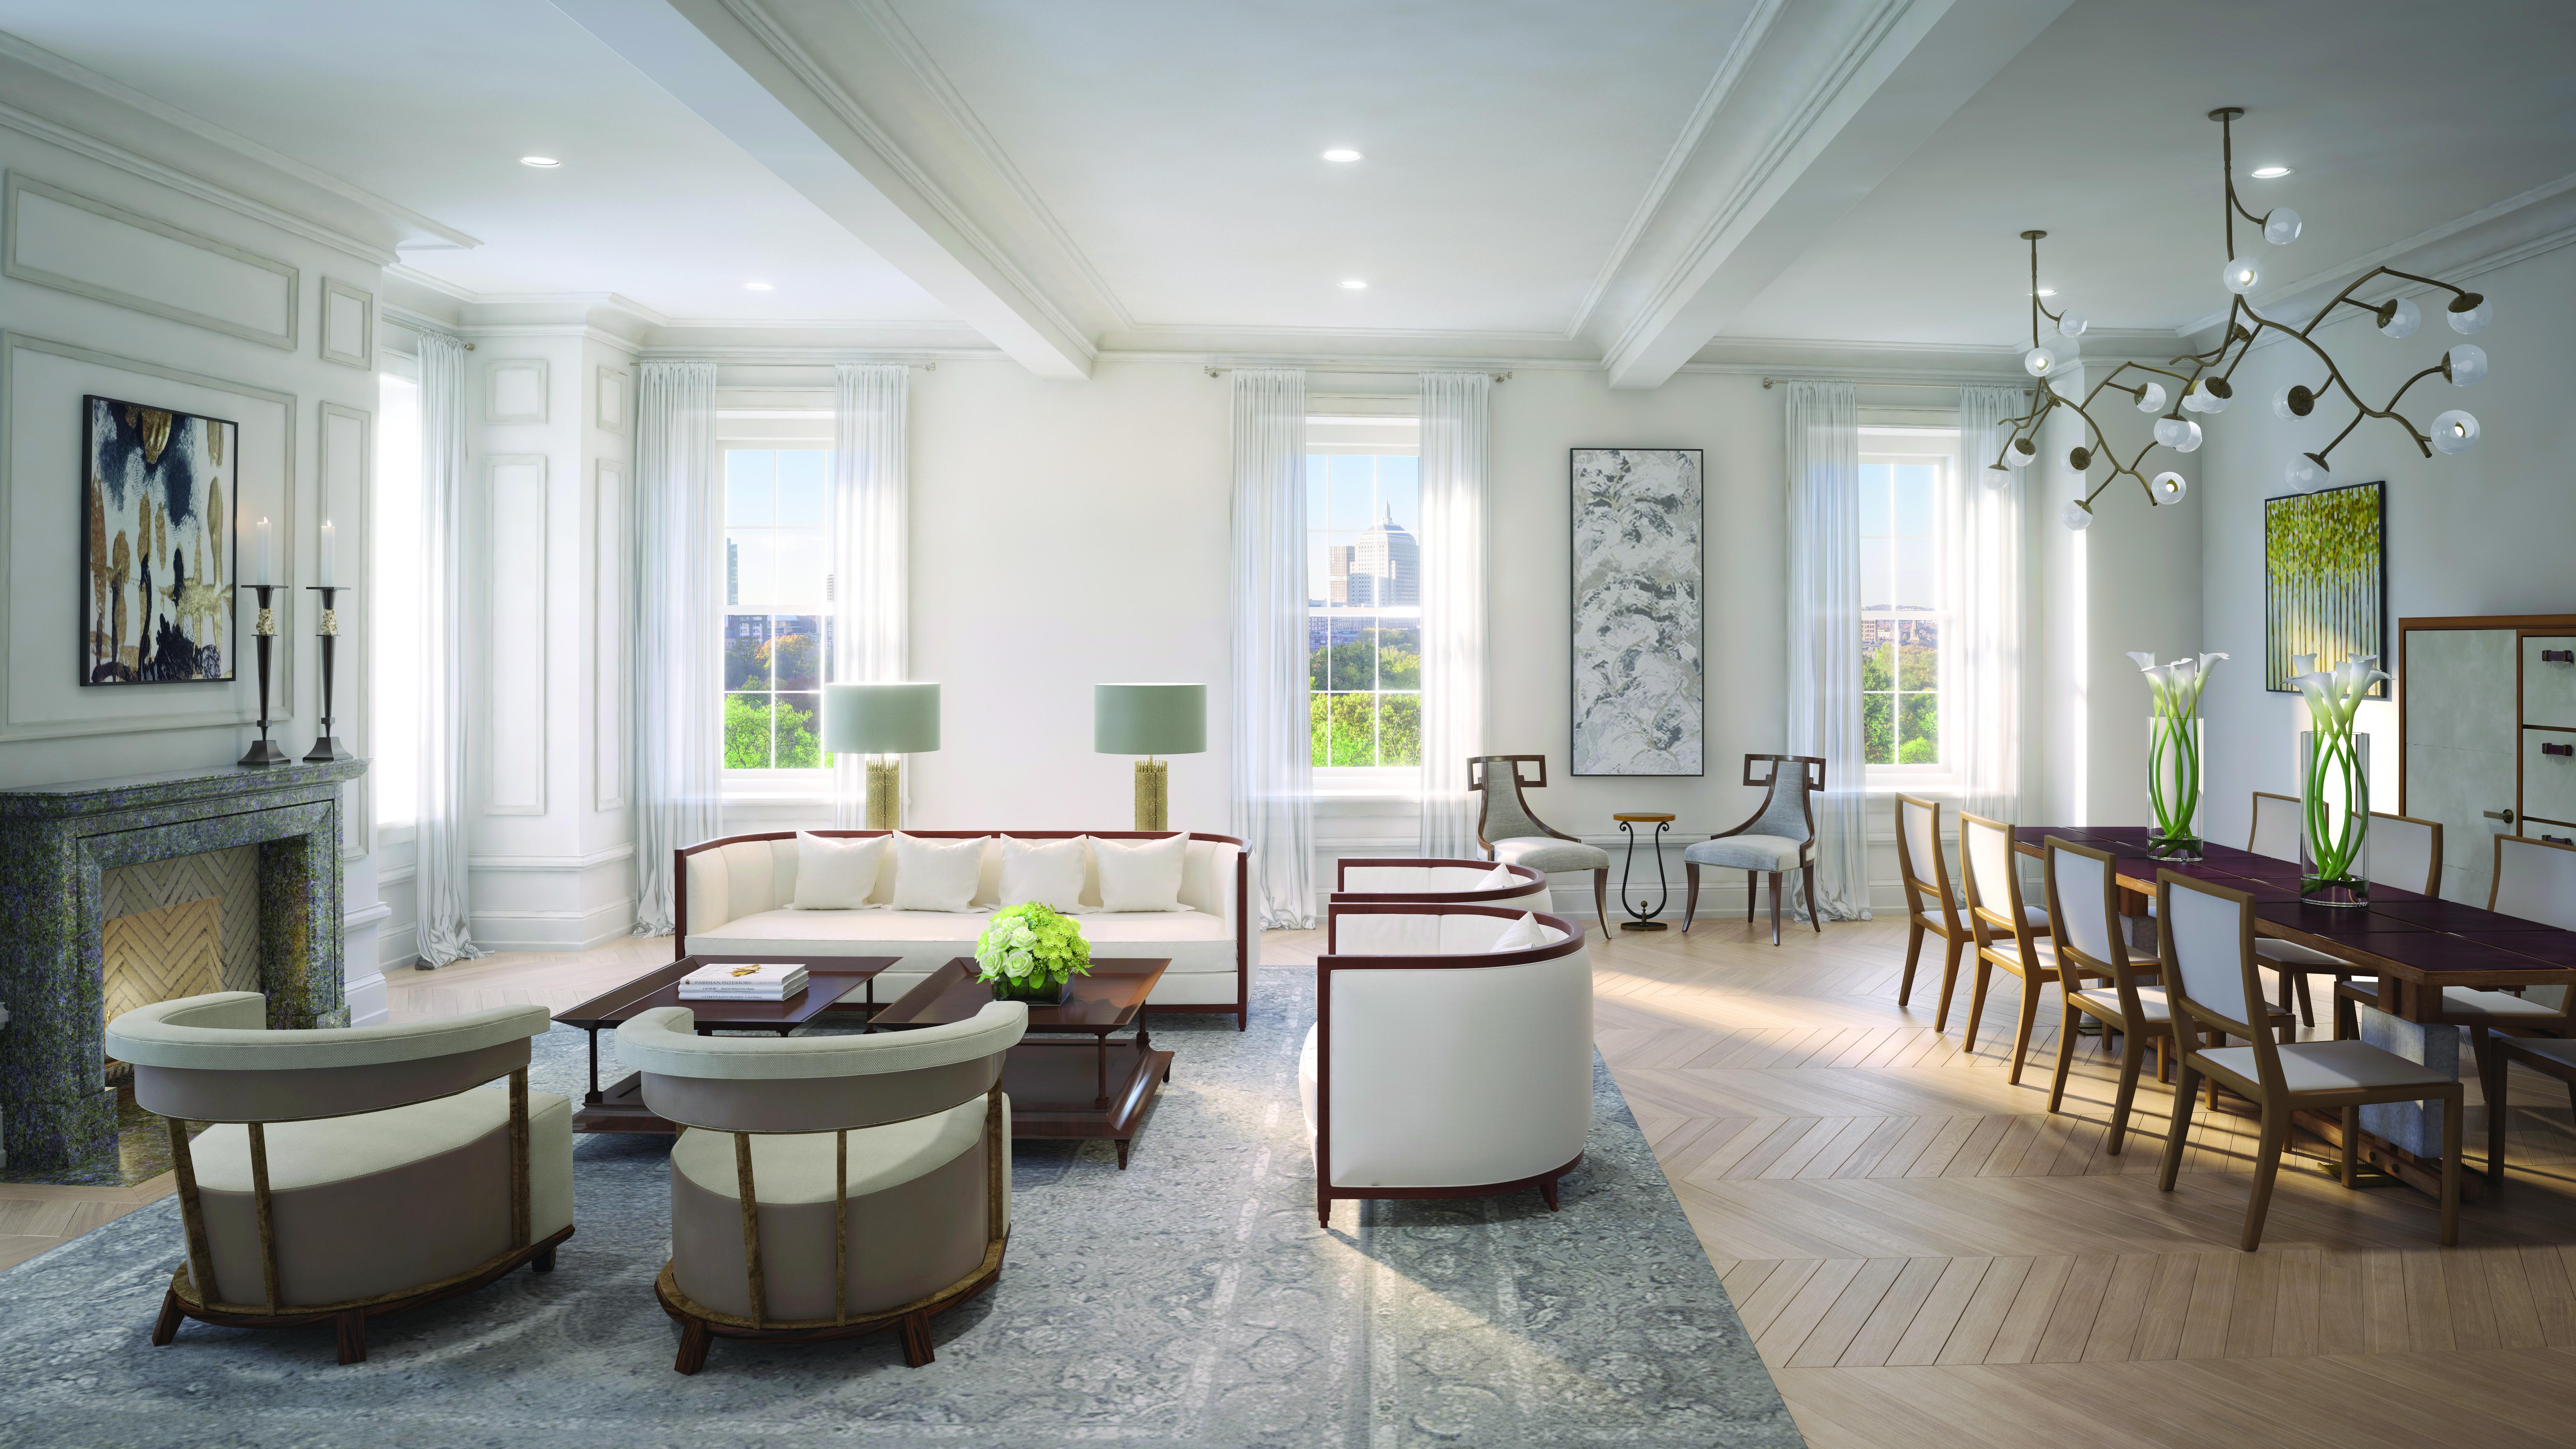 Boston Real Estate - Campion and Company